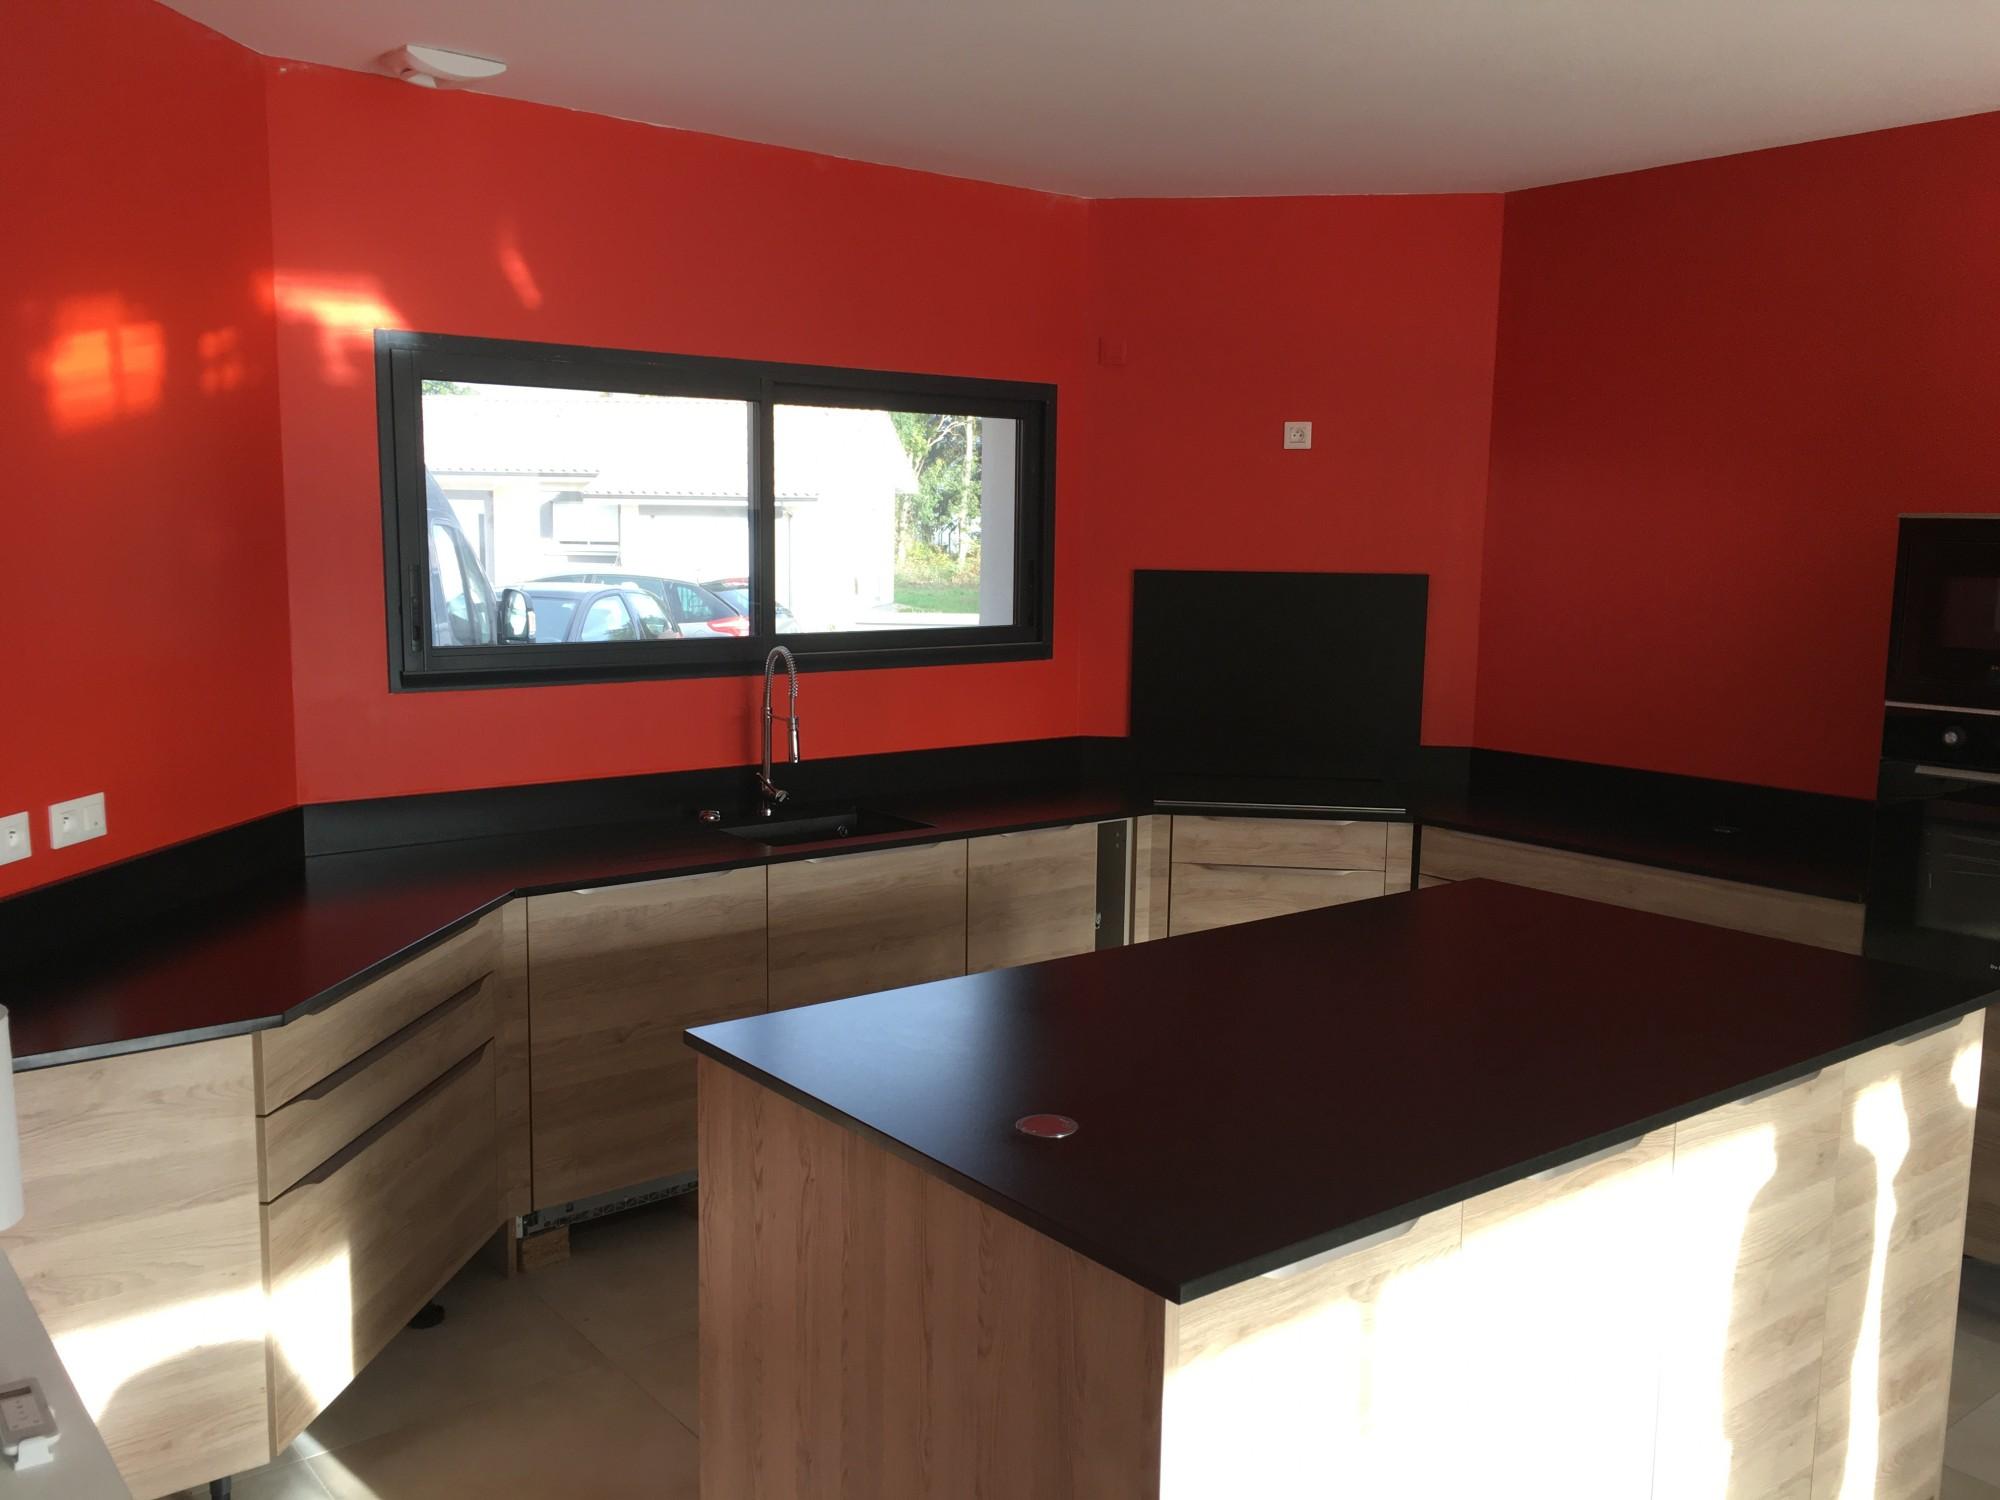 granit noir zimbabwe nouvelles realisations hm deco en gironde bordeaux hm deco. Black Bedroom Furniture Sets. Home Design Ideas